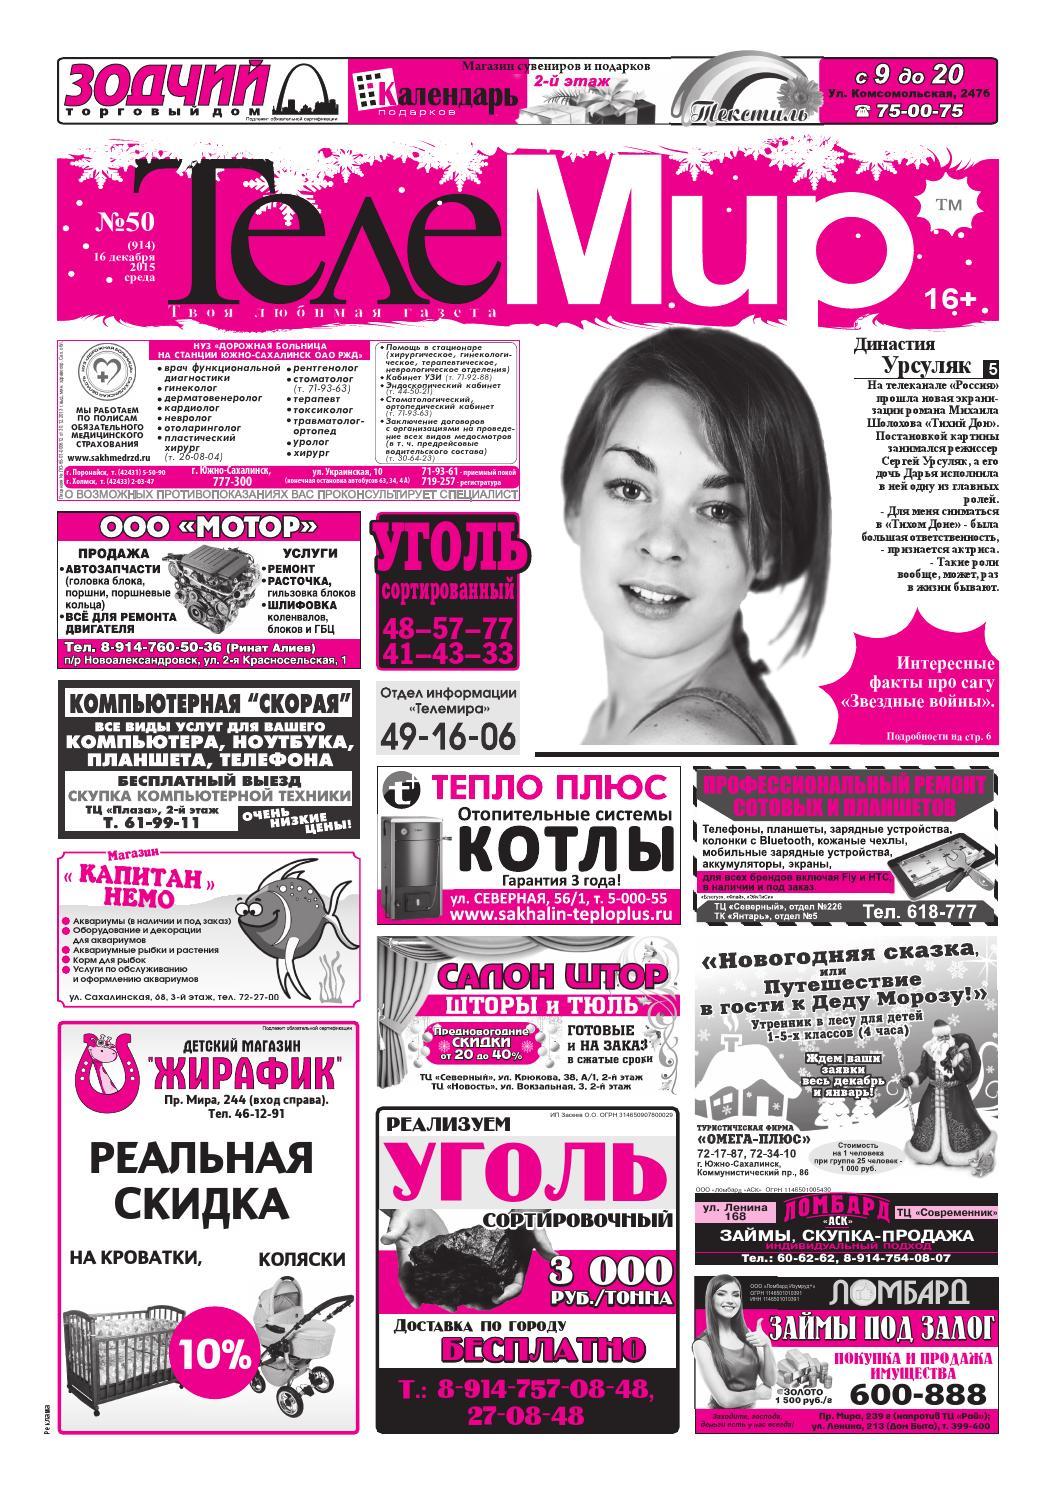 Www otpbank ru оплатить кредит по карте